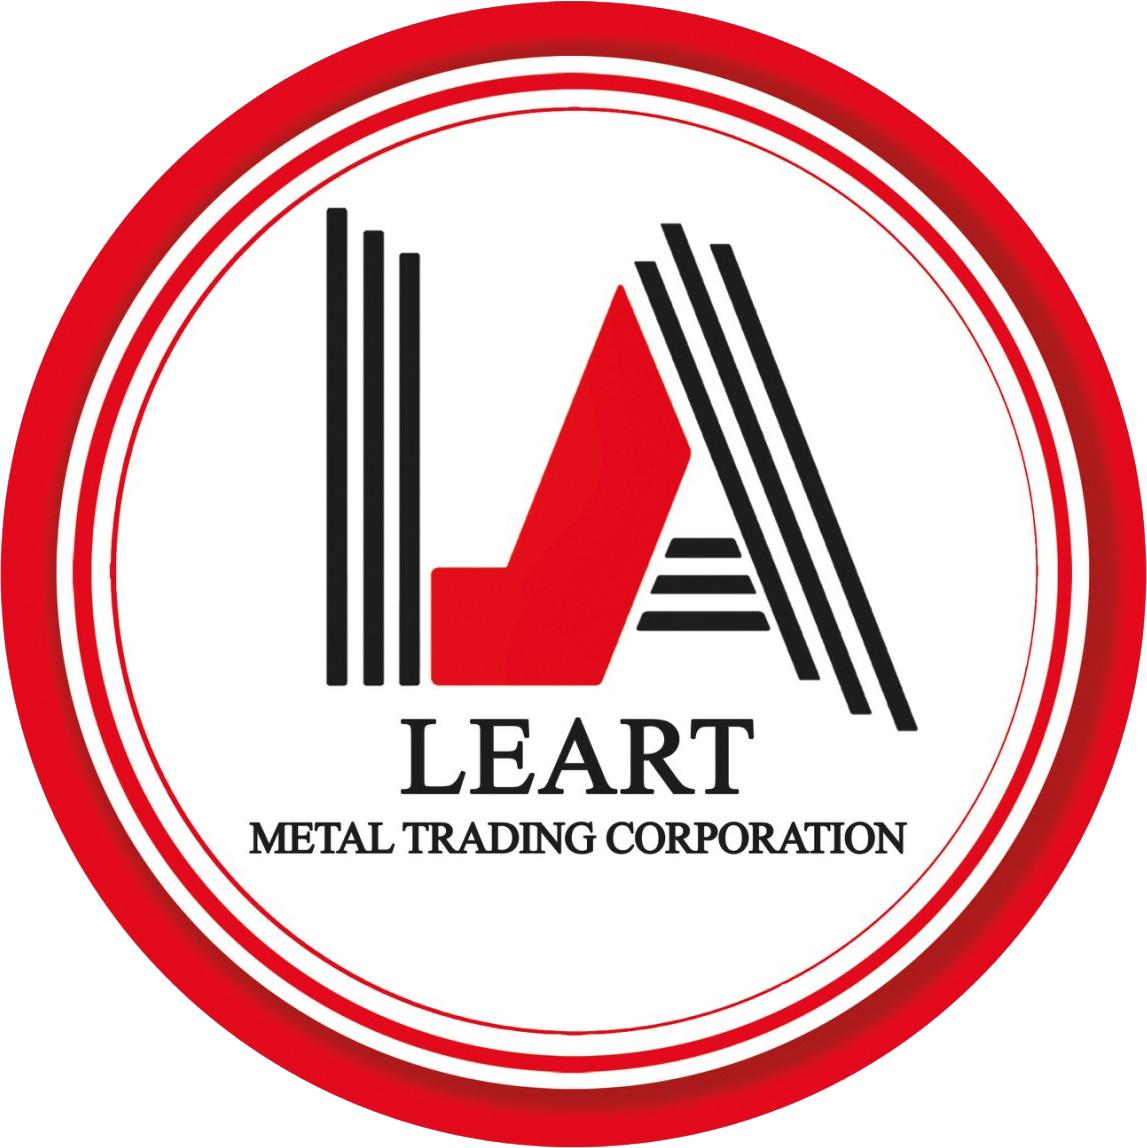 https://leart.com.ua/wp-content/uploads/2020/12/logo3.png